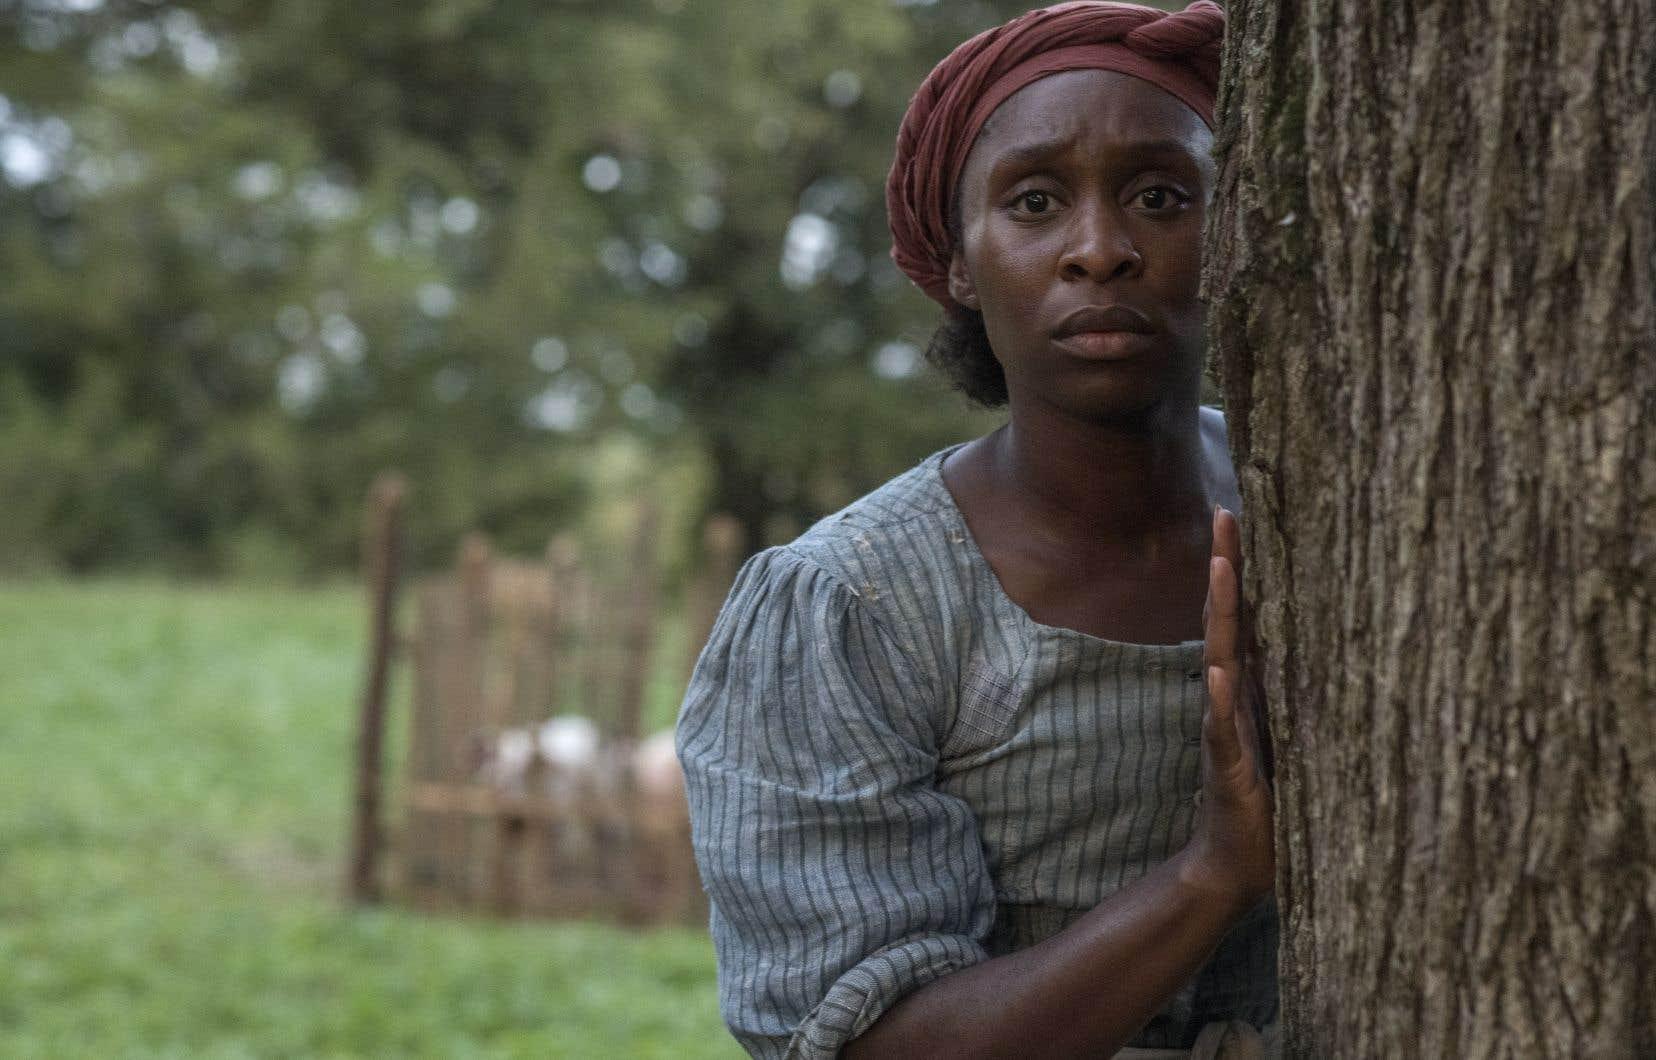 C'est la prestation de Cynthia Erivo, dans le rôle central, qui fait de <i>Harriet</i> un titre digne de mention.